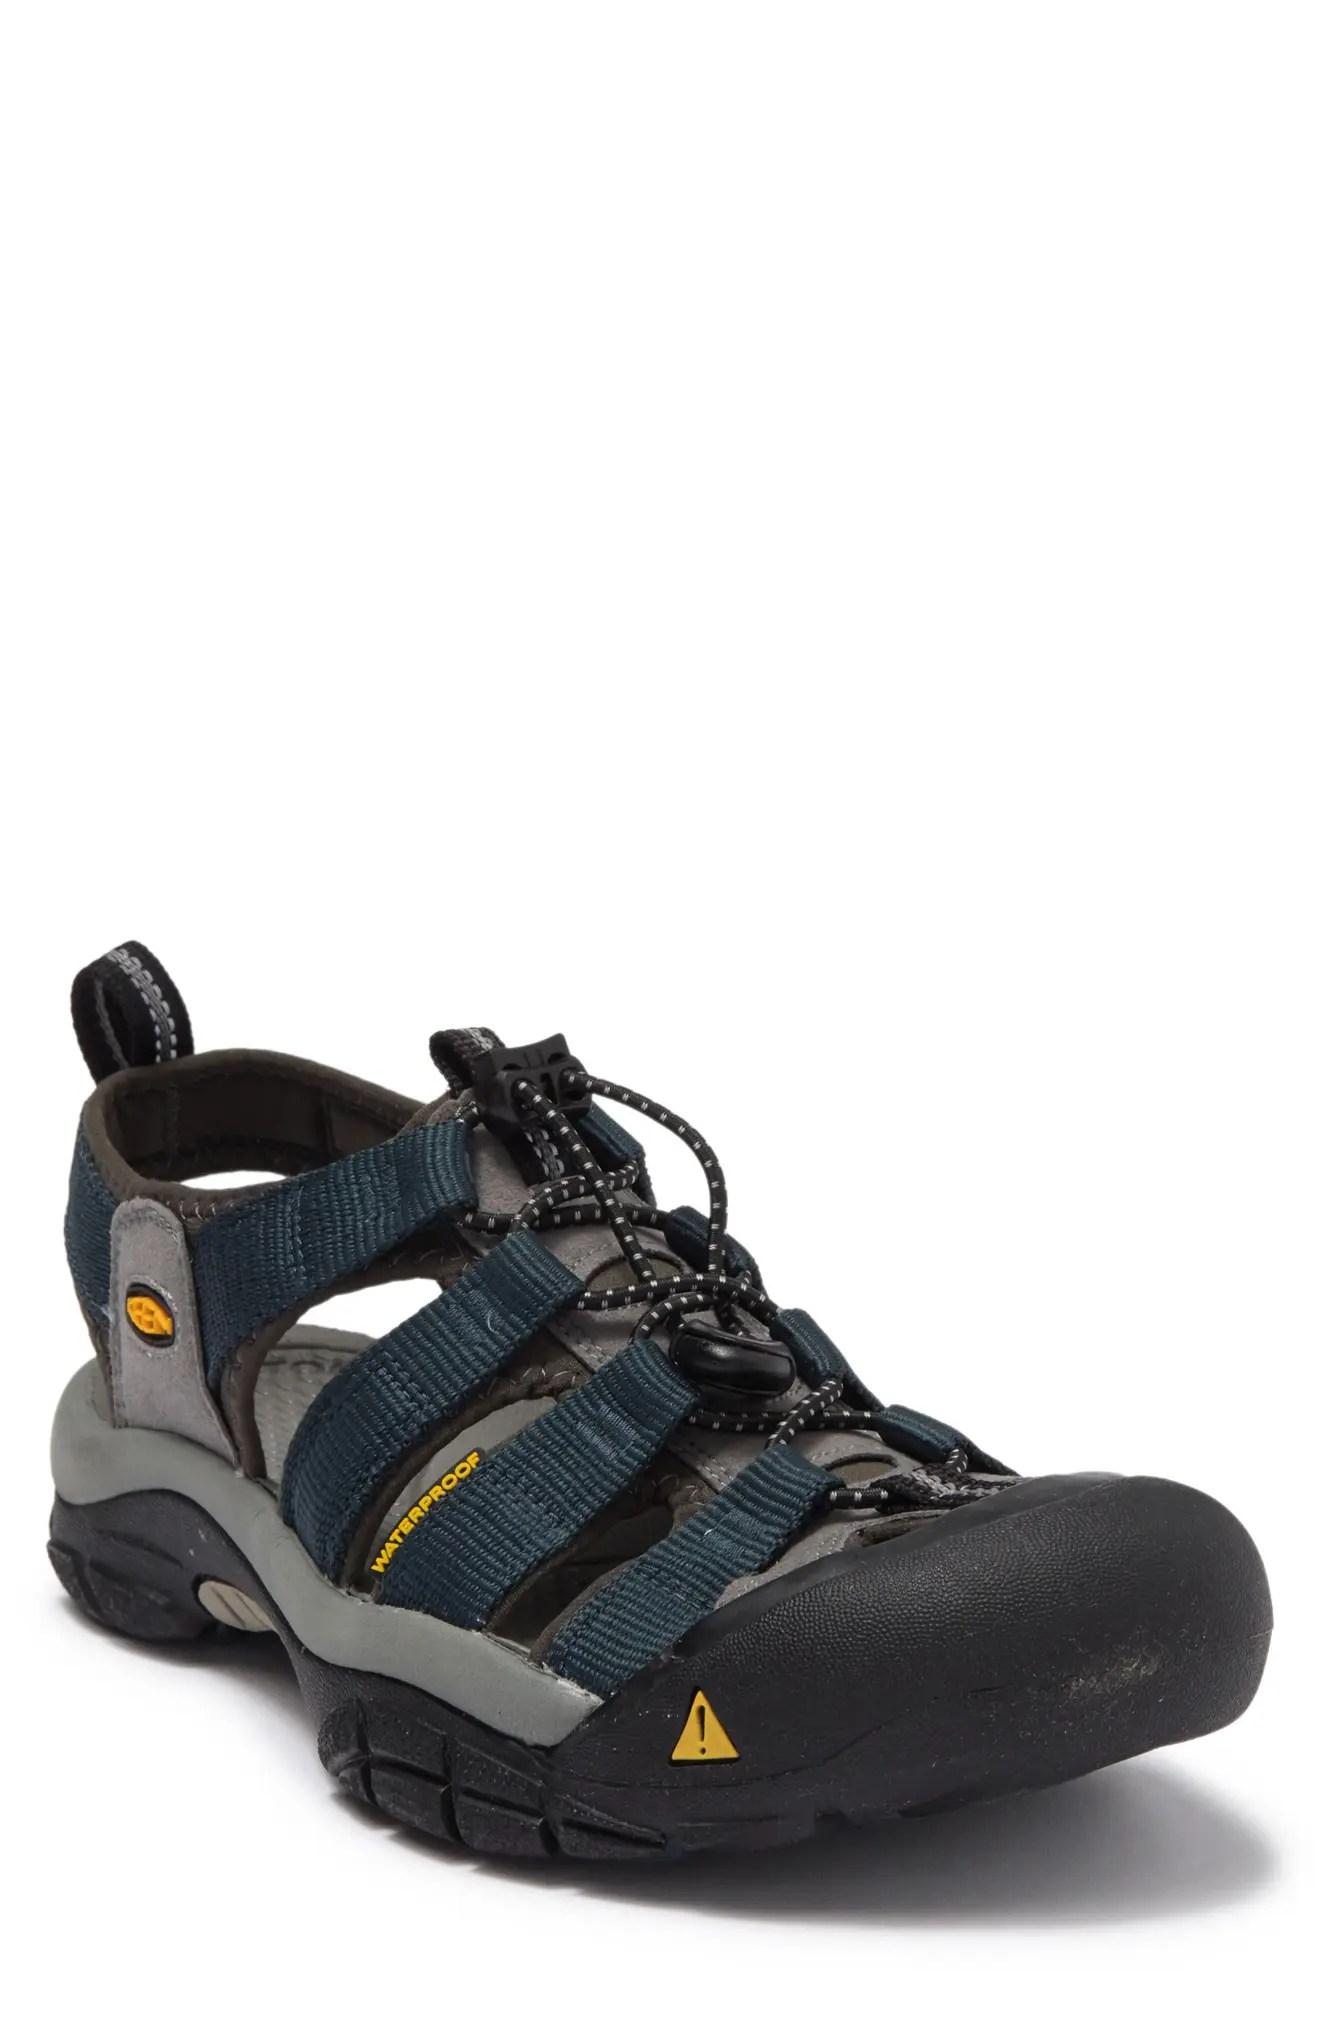 outdoor sandals for men nordstrom rack